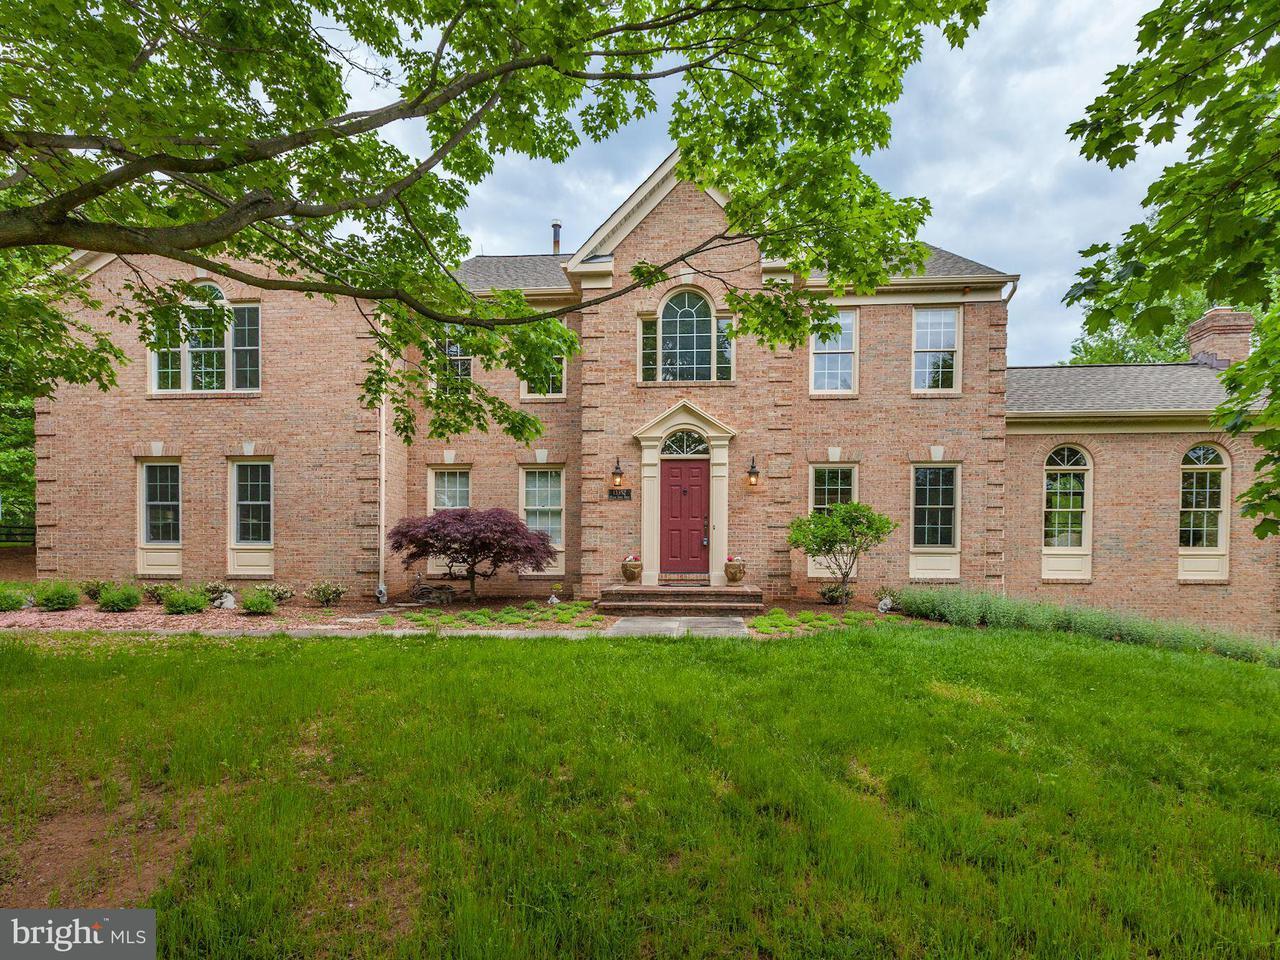 Casa Unifamiliar por un Venta en 13352 Manor Stone Drive 13352 Manor Stone Drive Germantown, Maryland 20874 Estados Unidos